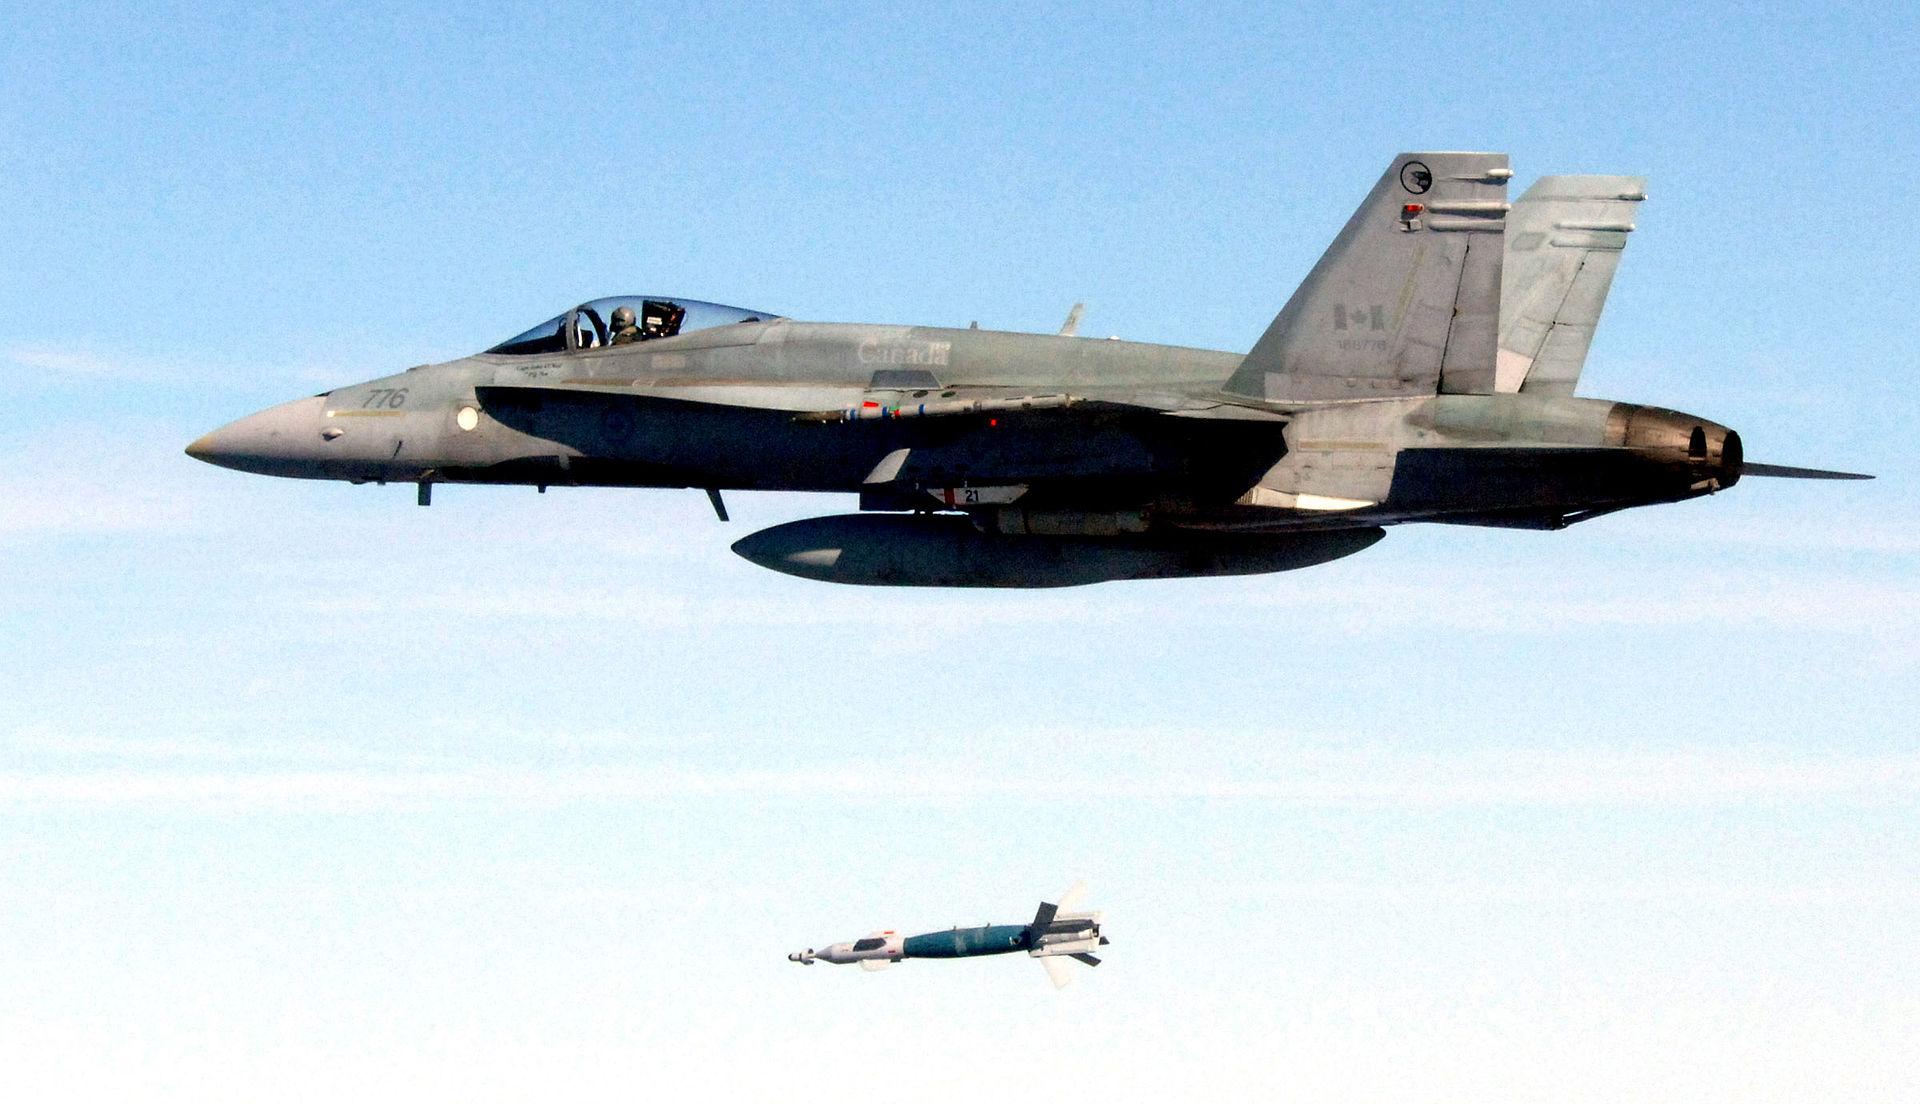 cf-18a_launches_lgb_eglin_afb_2006